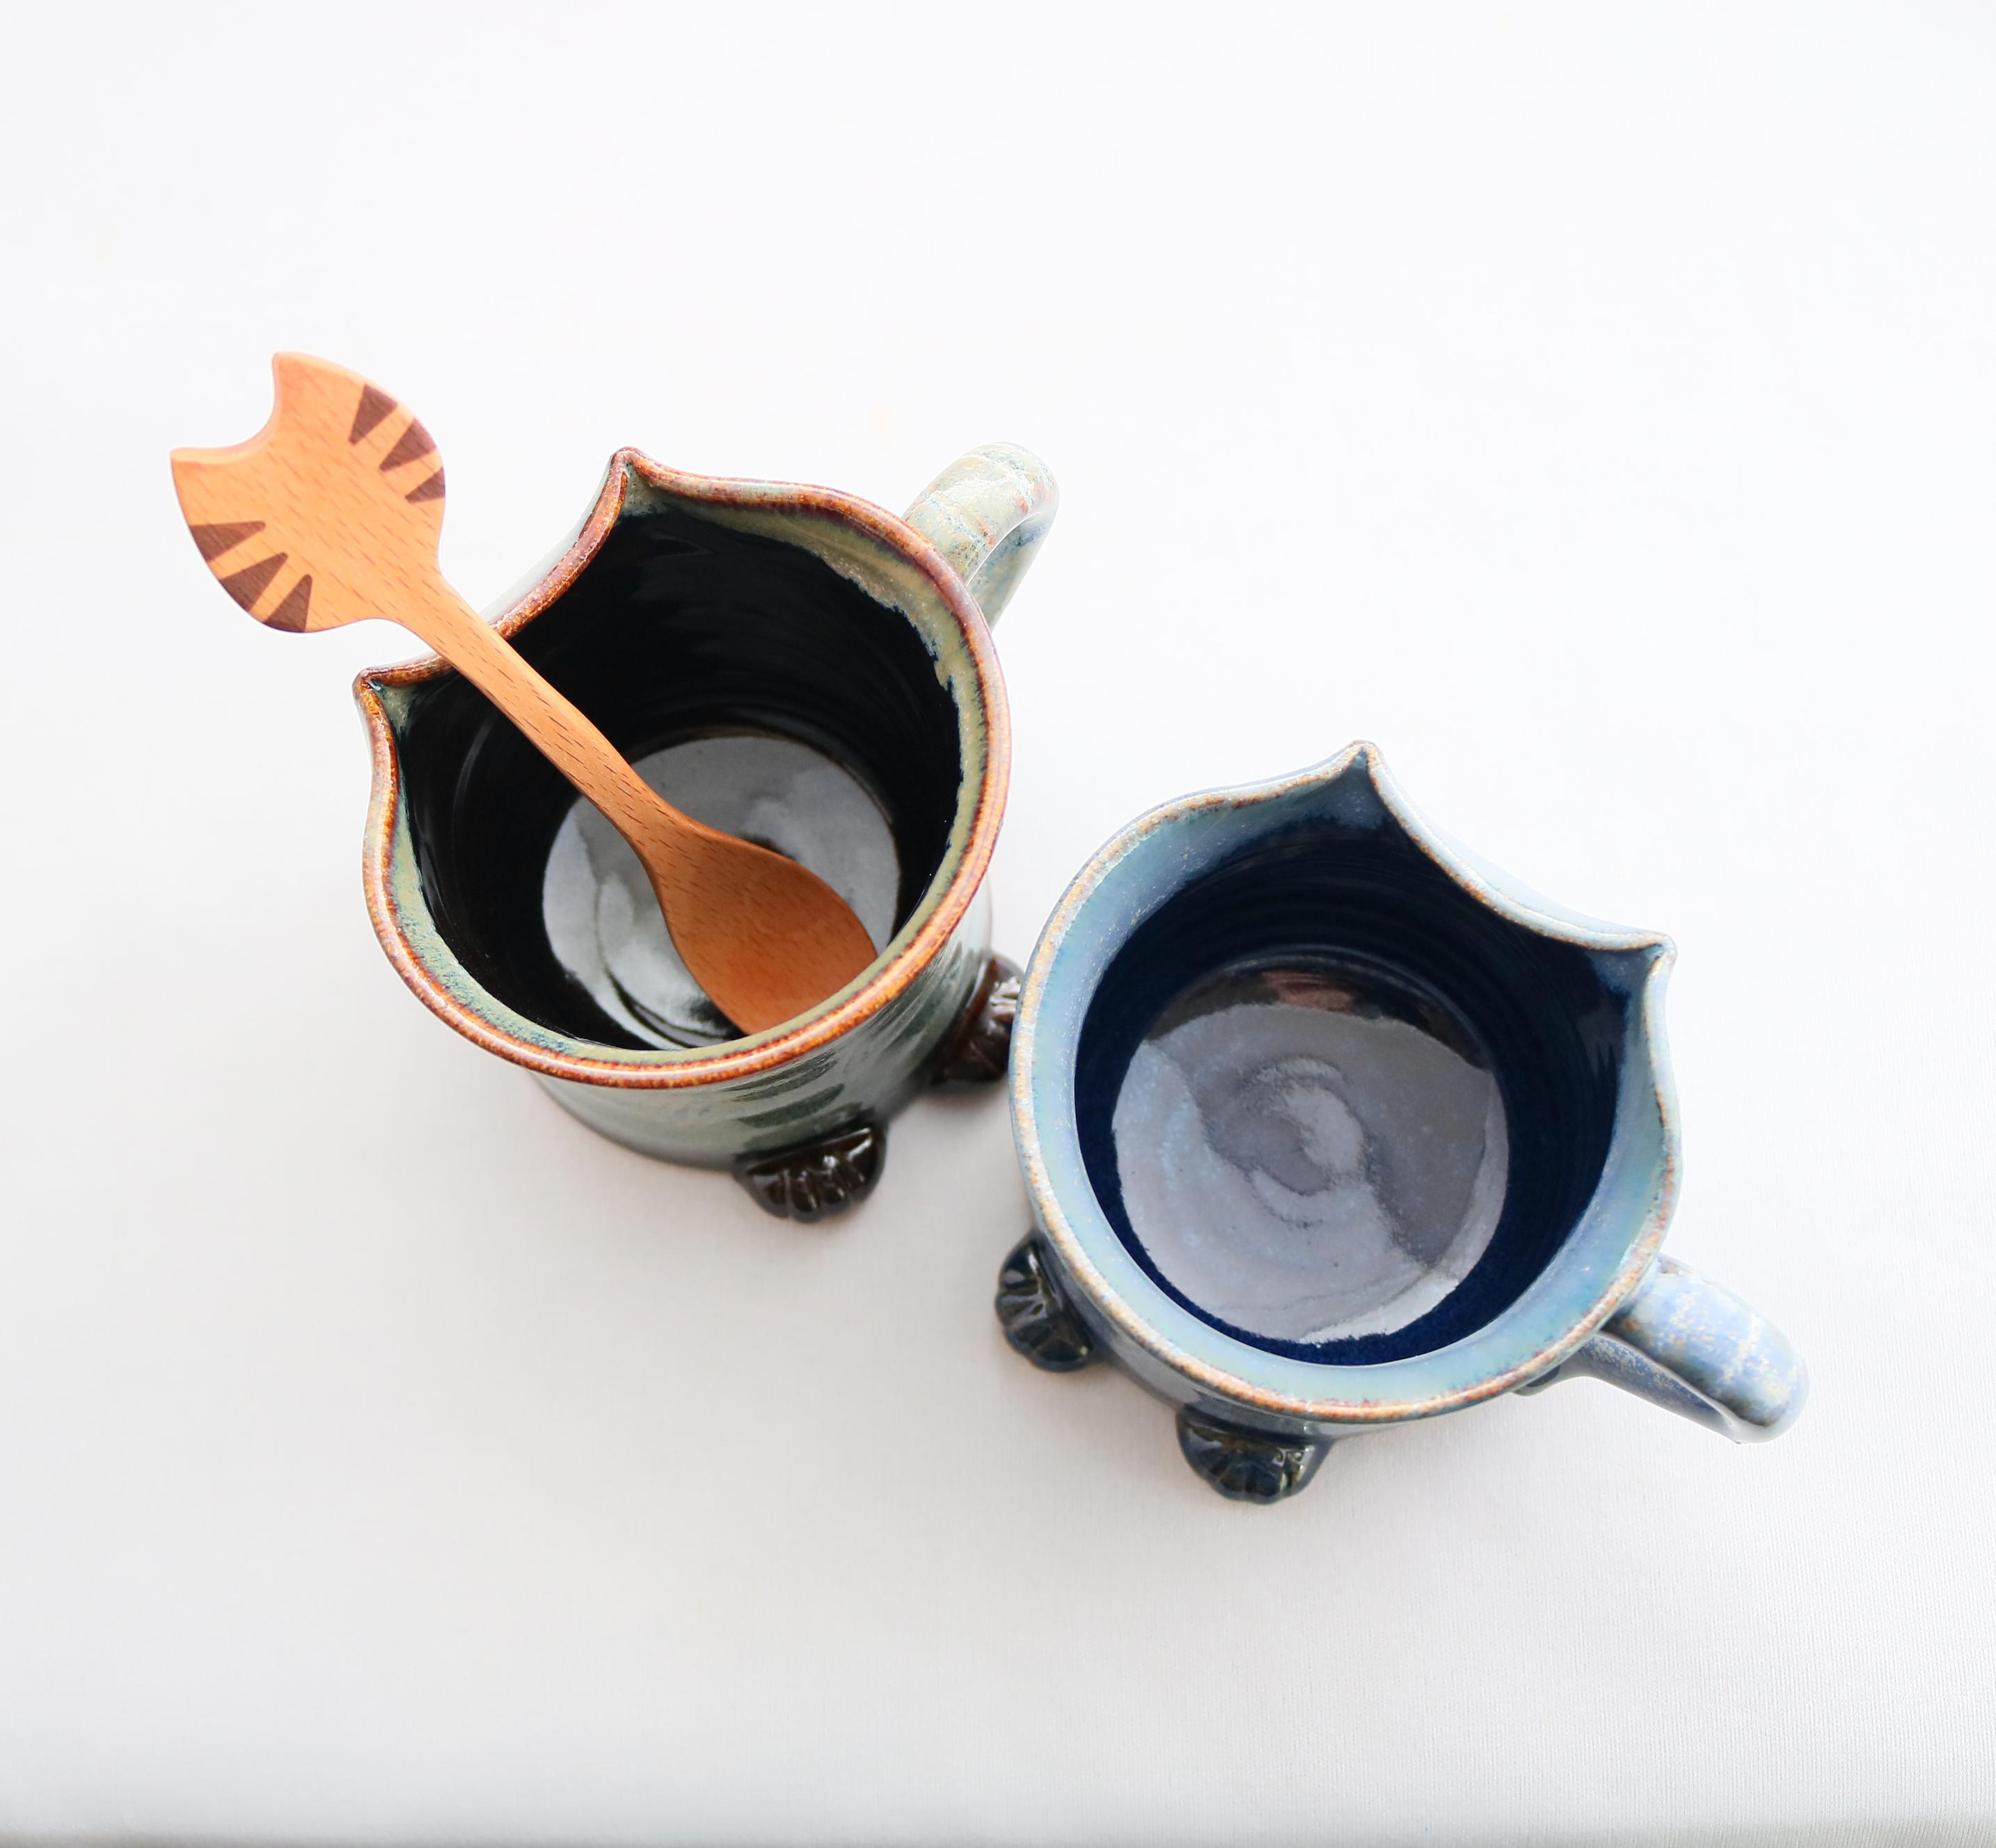 kijin 猫雑貨 猫グッズ 秋田 かぎしっぽ マグカップ 陶器 ハンドメイド